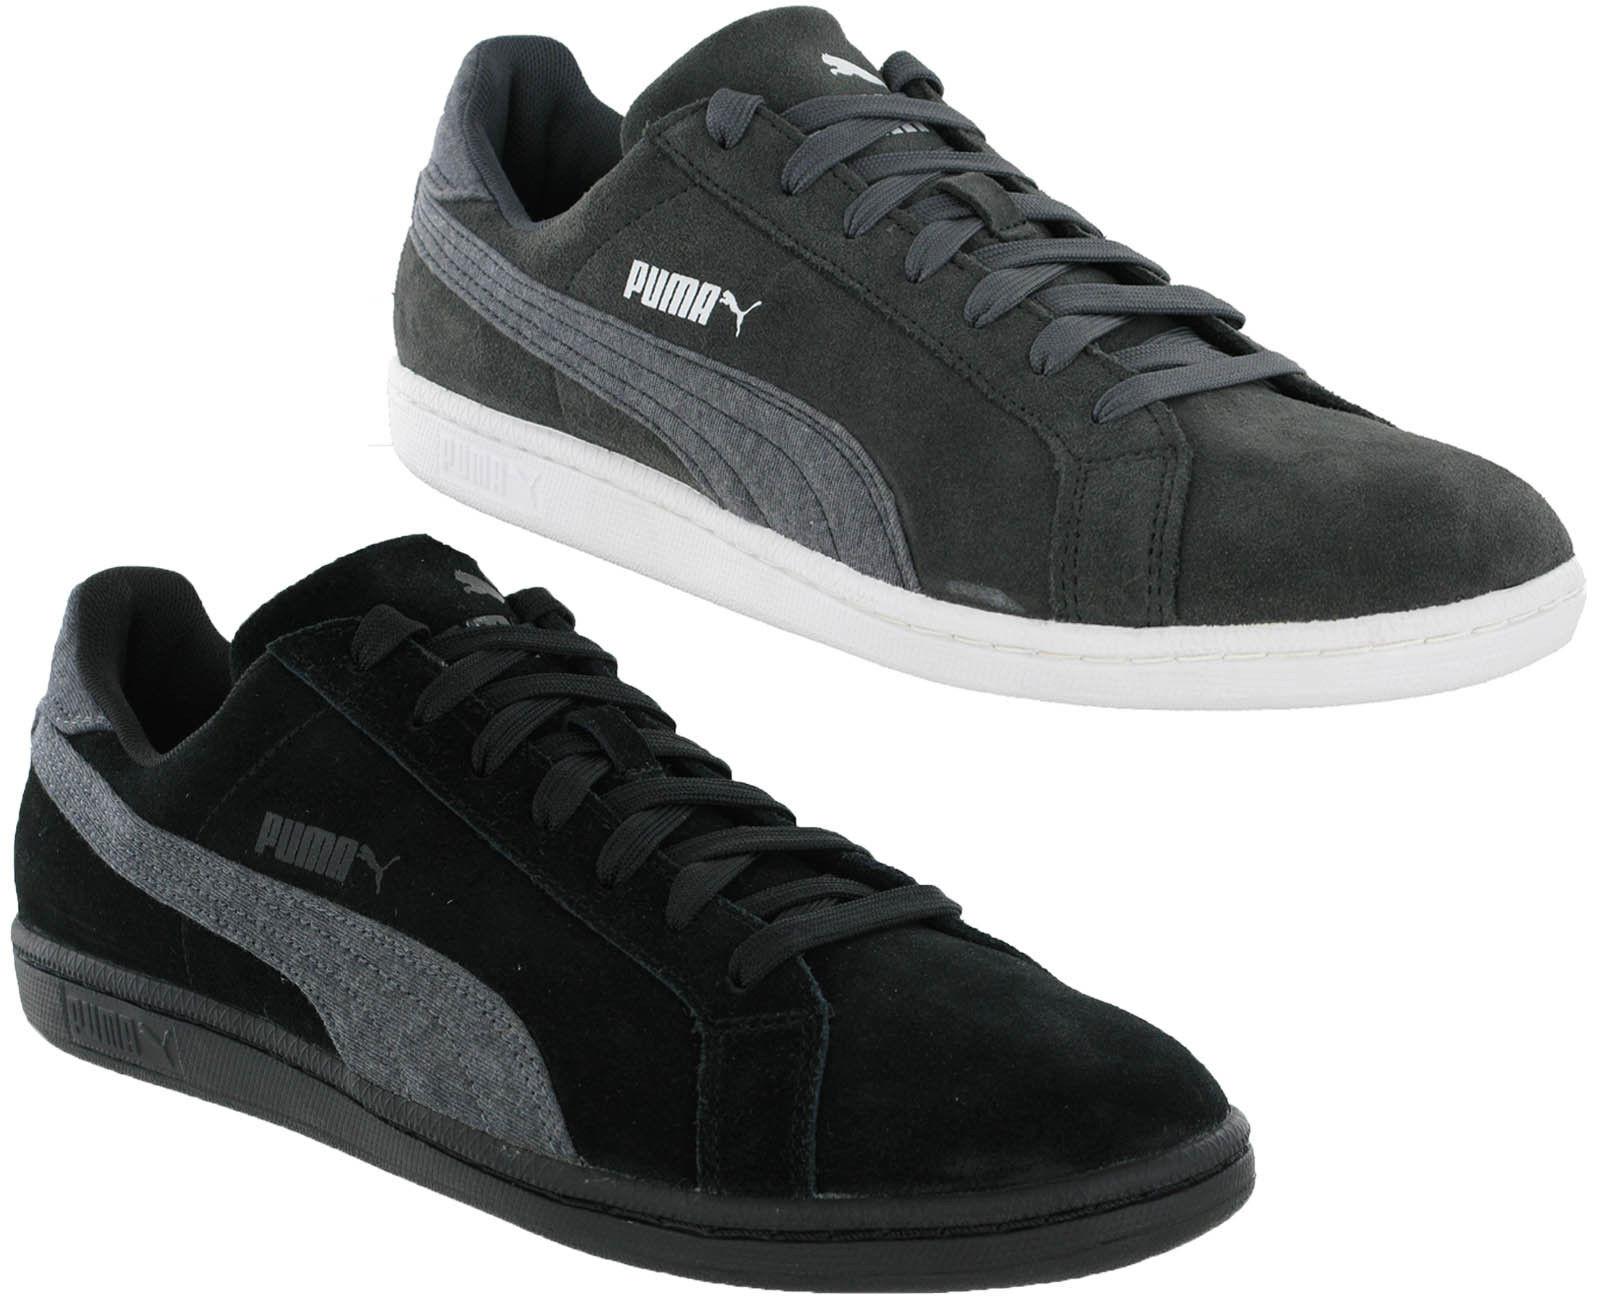 Puma Suede Classic Smash Jersey pelle shoes Sportive men grey, black